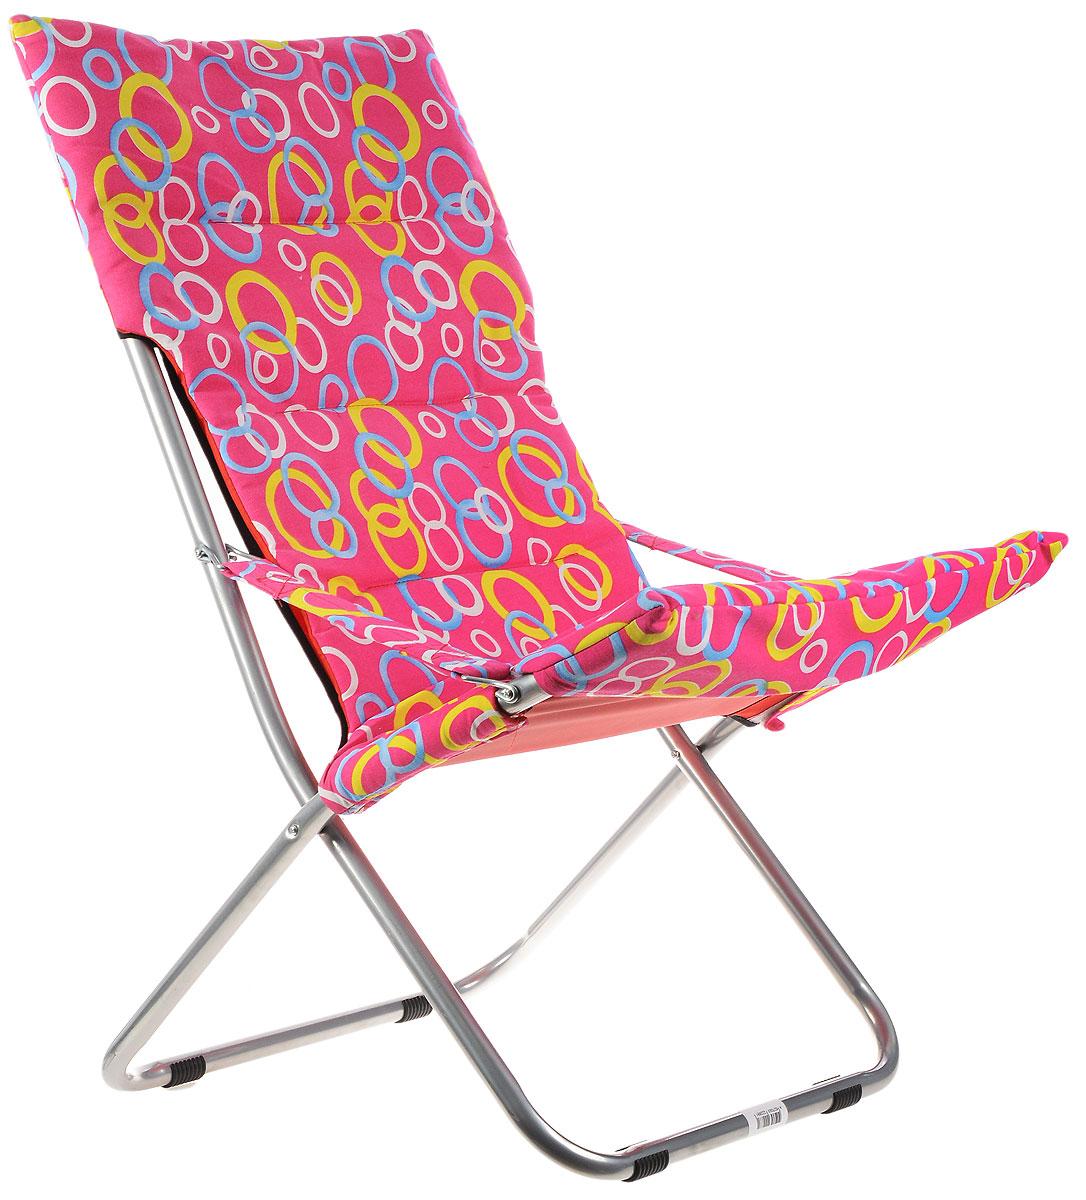 Кресло складное Wildman, цвет: розовый, желтый, синий, 73 х 60 х 100 см81-455_розовый,кружкиНа складном кресле Wildman можно удобно расположиться в тени деревьев, отдохнуть в приятной прохладе летнего вечера. В использовании такое кресло достойно самых лучших похвал. Кресло выполнено из текстиля, каркас металлический. Мягкий съемный чехол с наполнителем из синтепона крепится на кресло при помощи застежек-липучек. В сложенном виде кресло удобно для хранения и переноски.